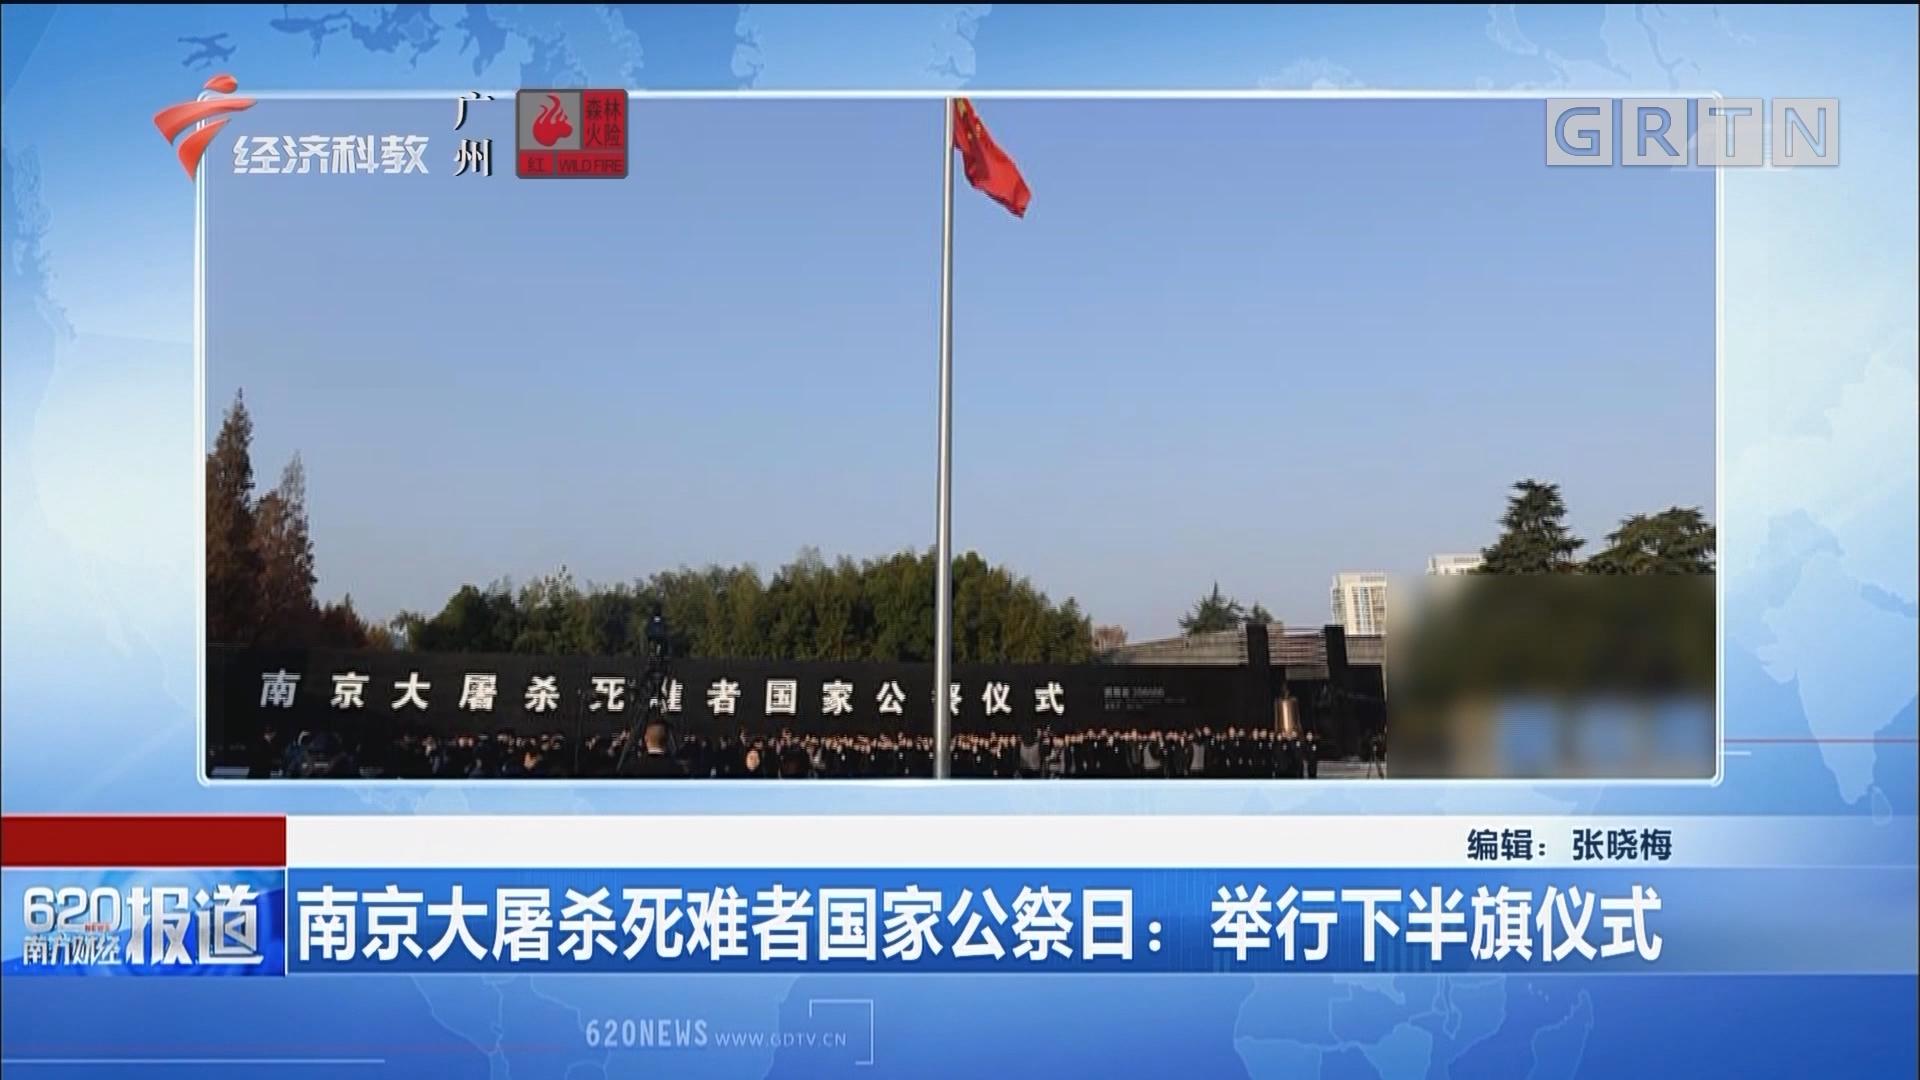 南京大屠杀死难者国家公祭日:举行下半旗仪式